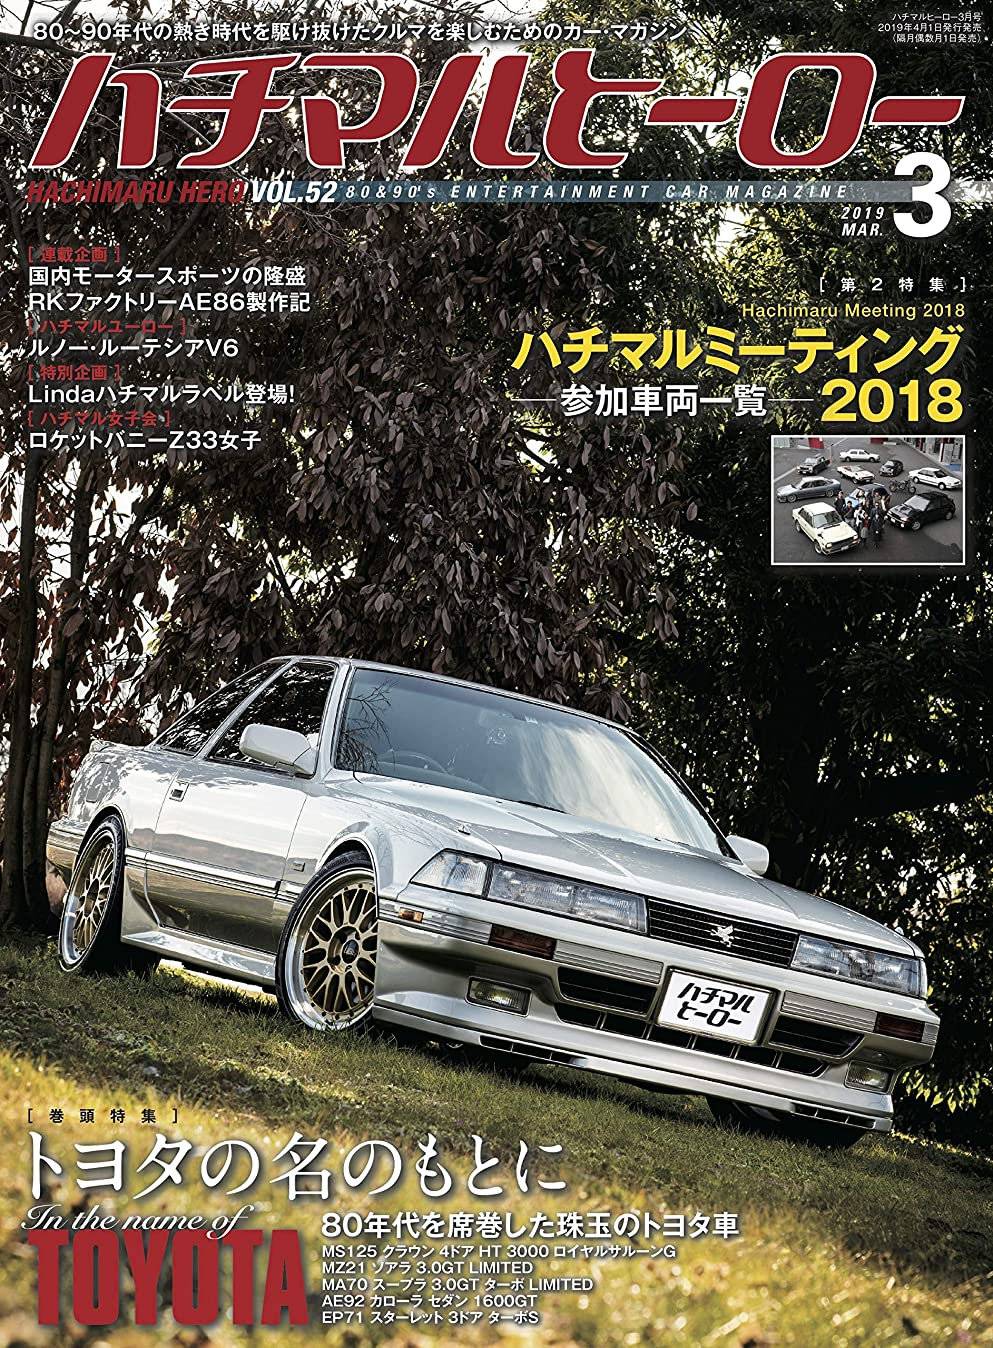 タウポ湖マーカー植物学者ハチマルヒーロー vol.52 [雑誌]